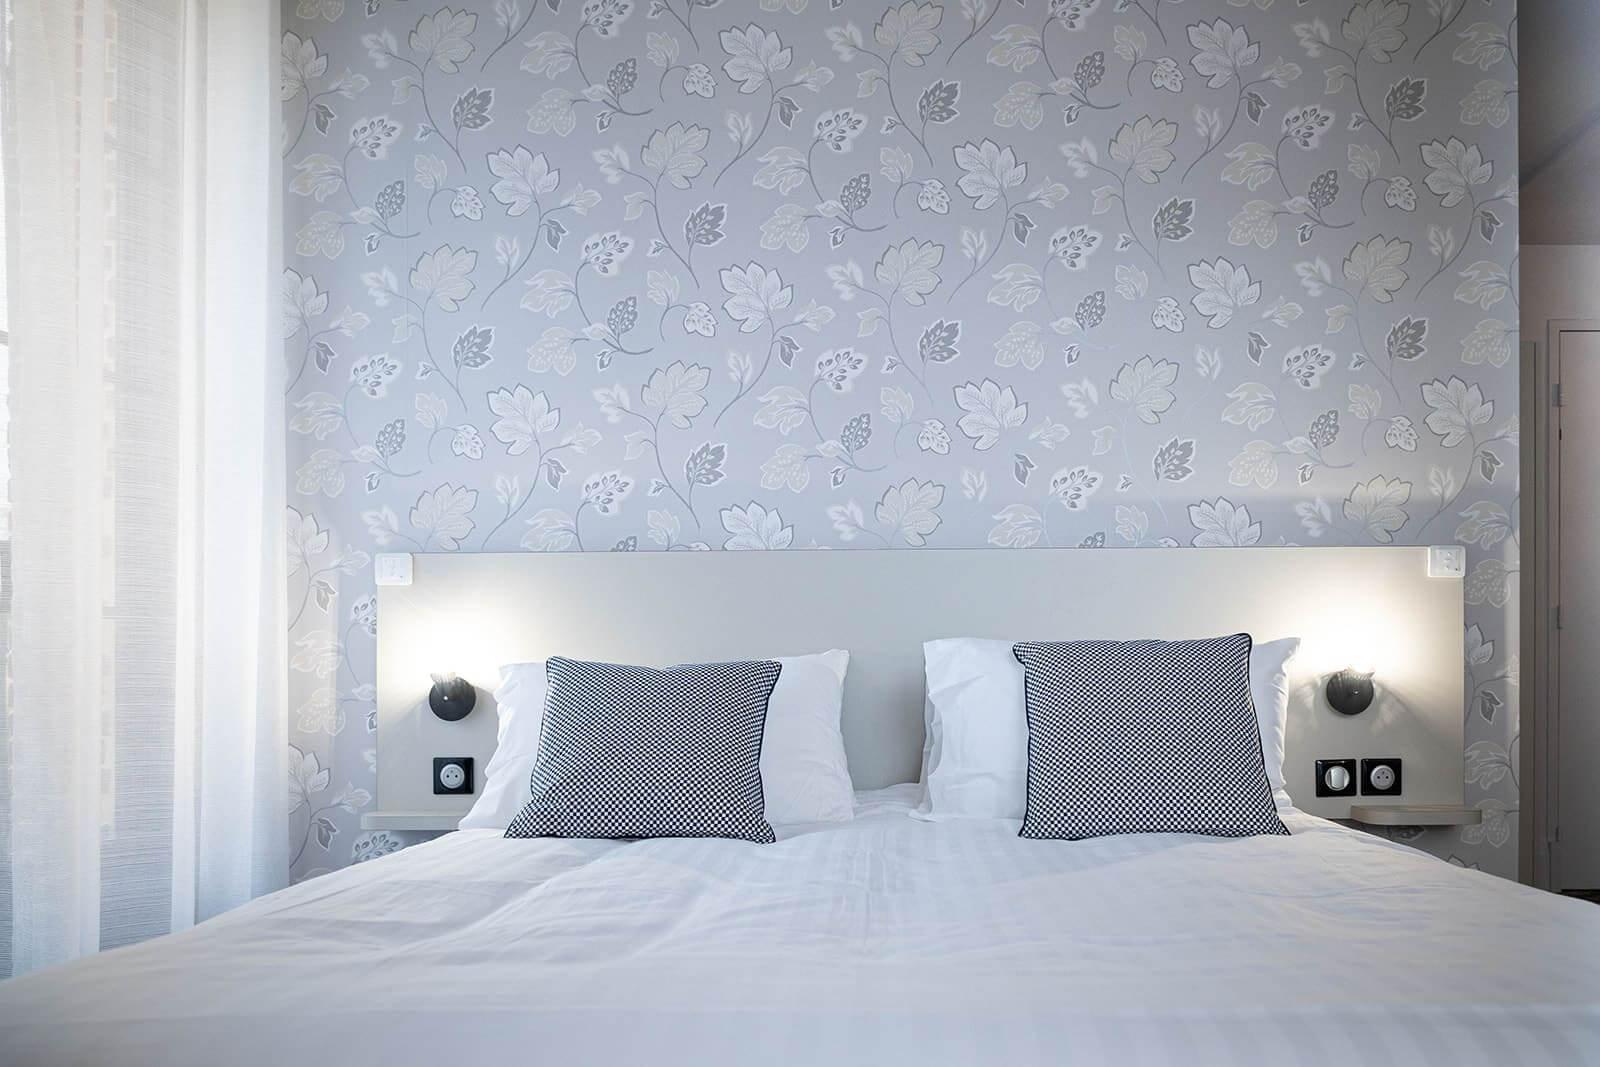 Chambre Chambres Prestiges | Le Manoir de Joséphine - 2